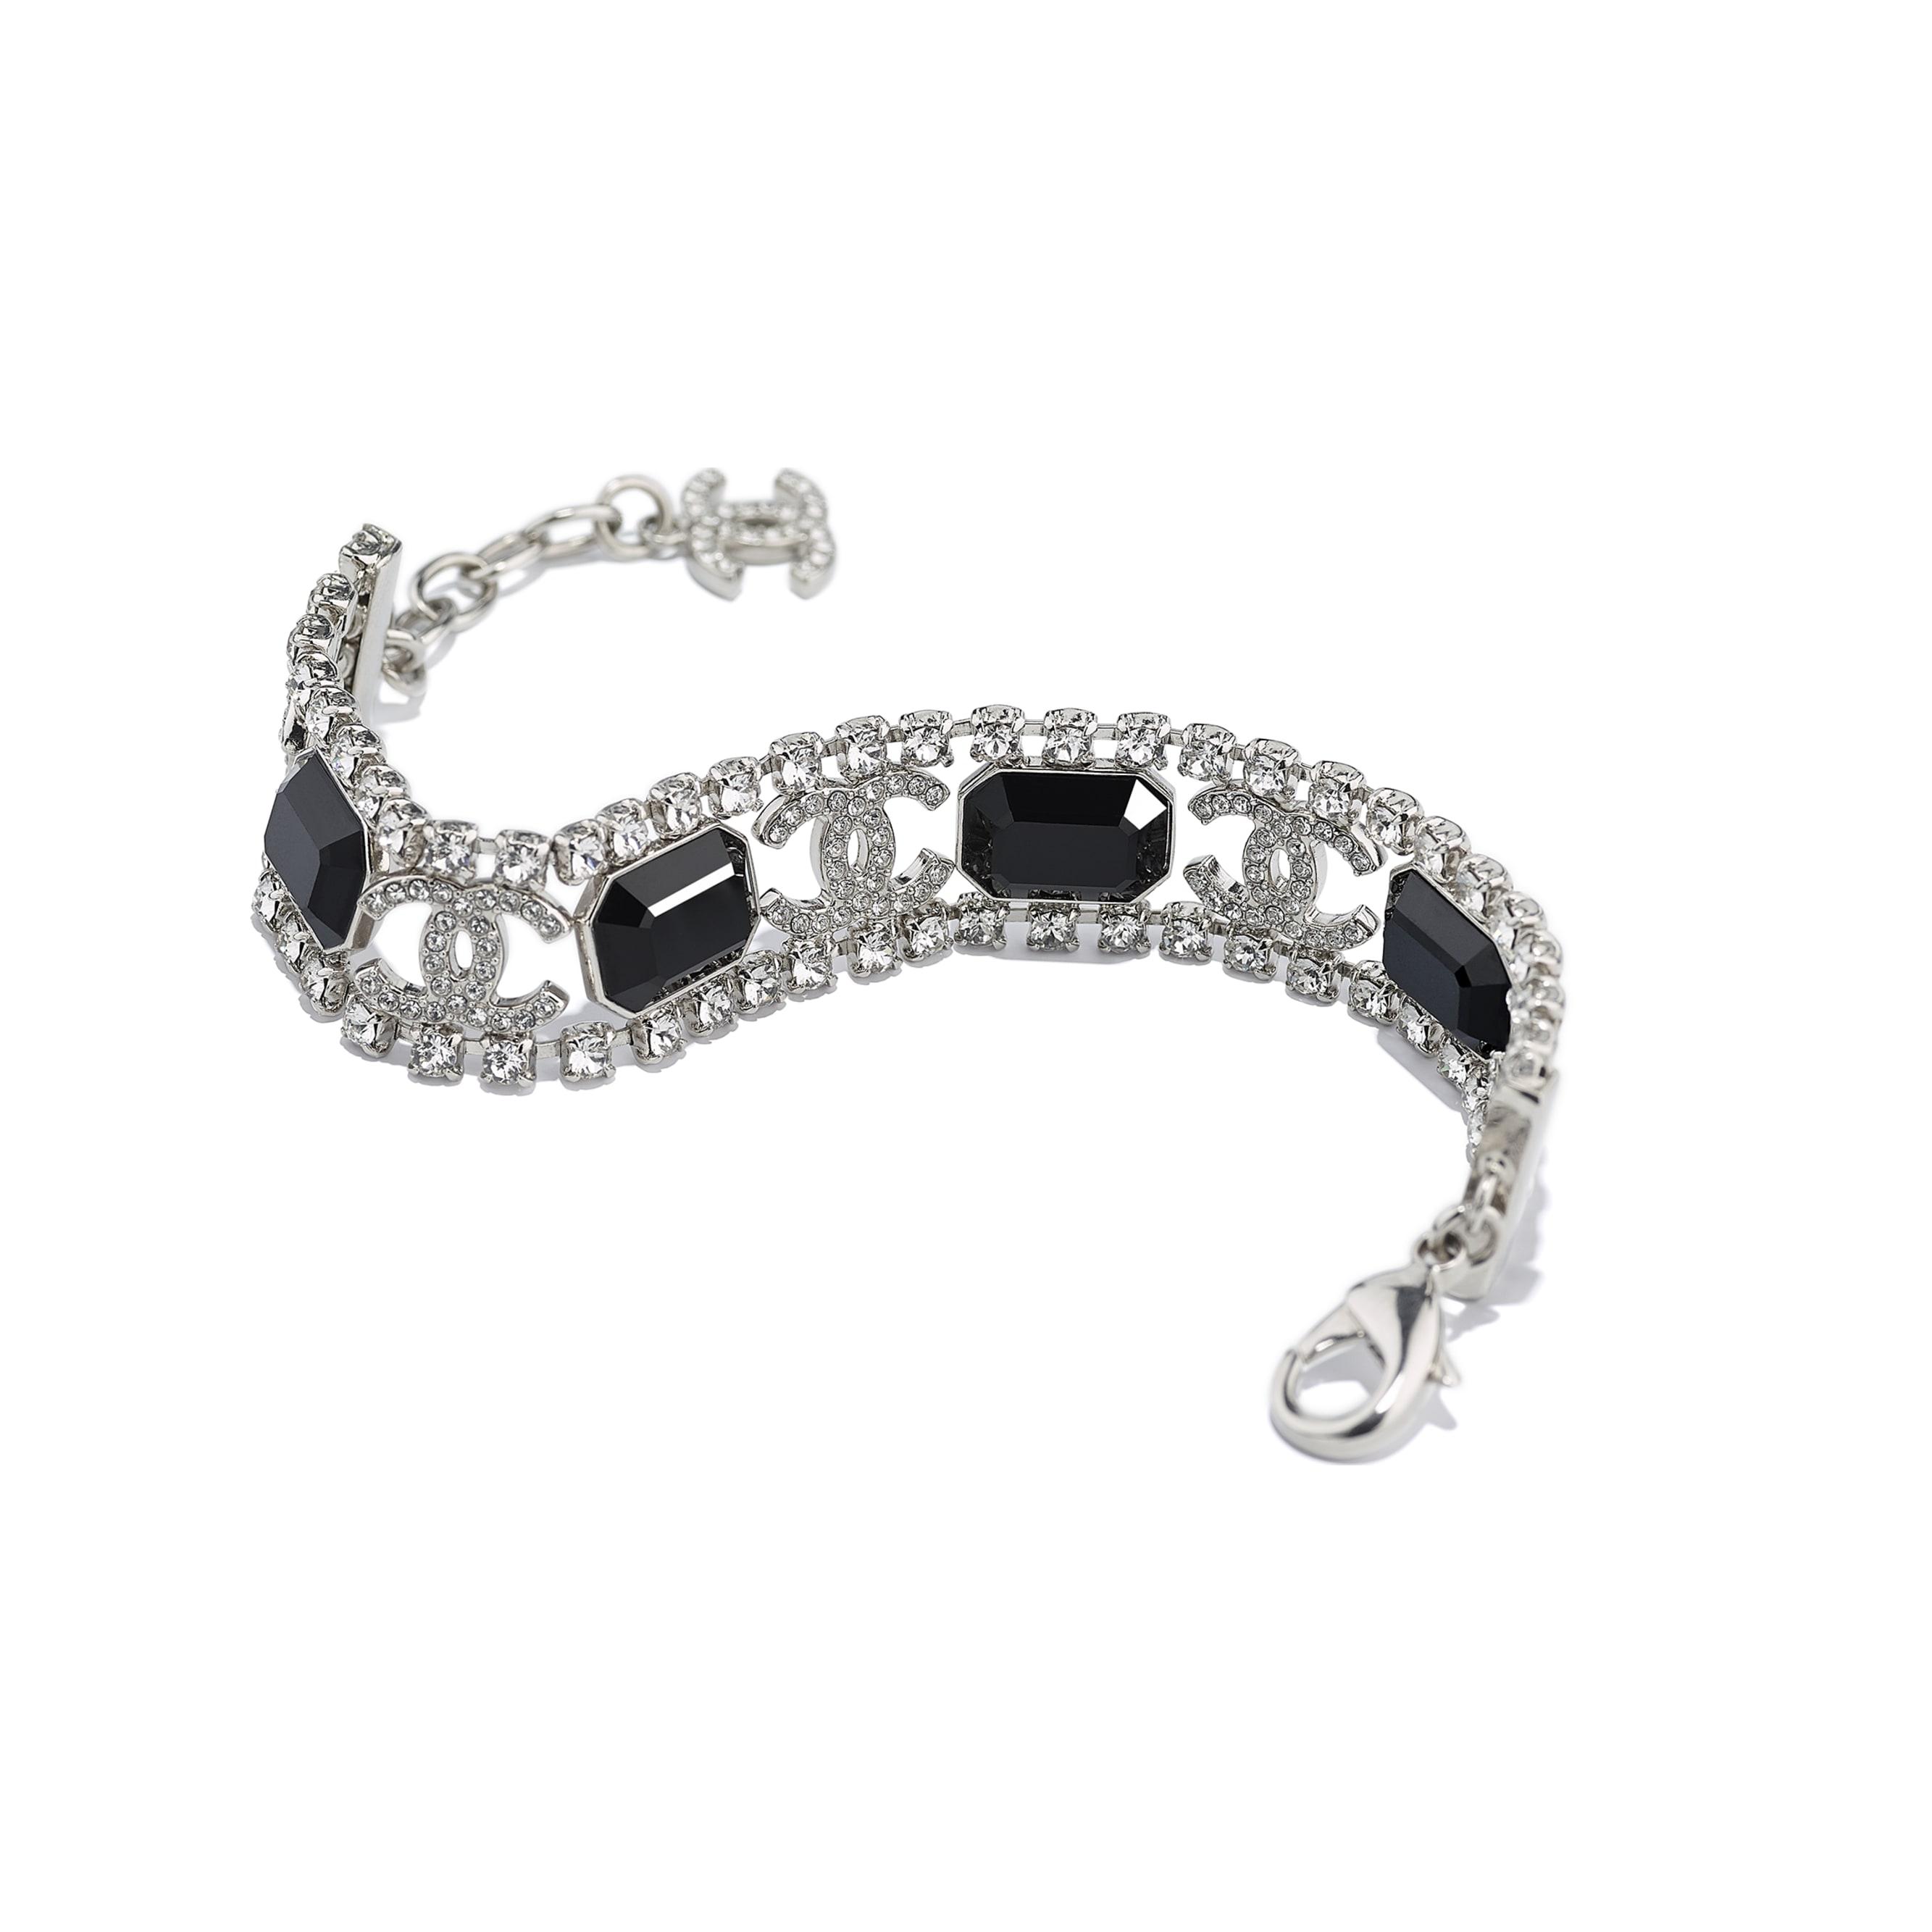 Bransoletka - Kolor srebrny, krystaliczny i czarny - Metal i stras - Widok alternatywny – zobacz w standardowym rozmiarze